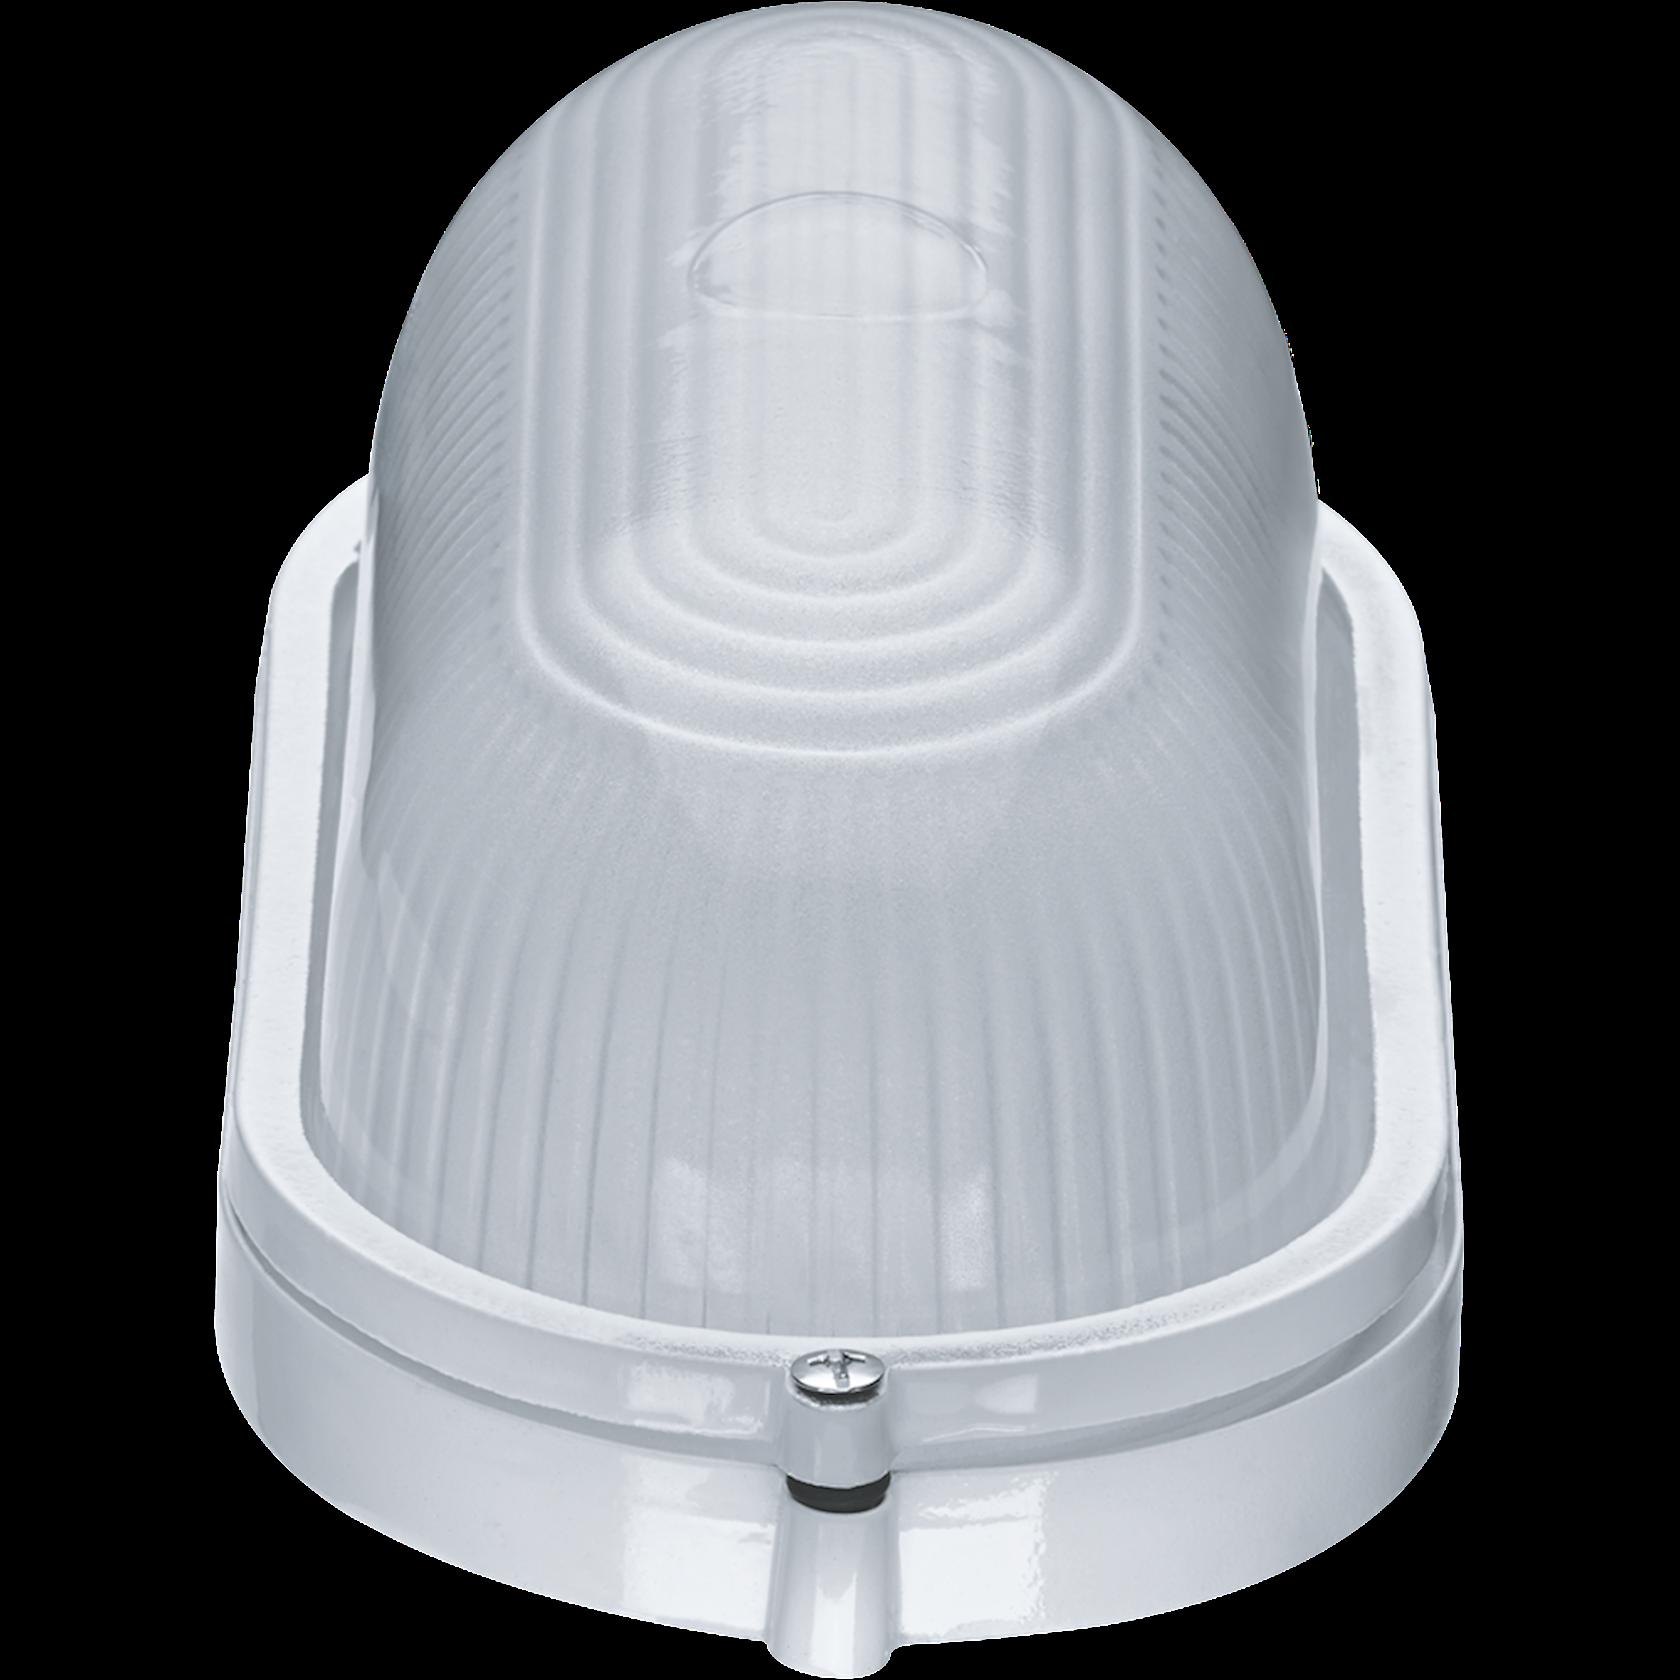 Səthə quraşdırılan çıraq Navigator NBL-O1-60-E27/WH, 60Vt, ağ rəng, ölçü 110x90x215mm